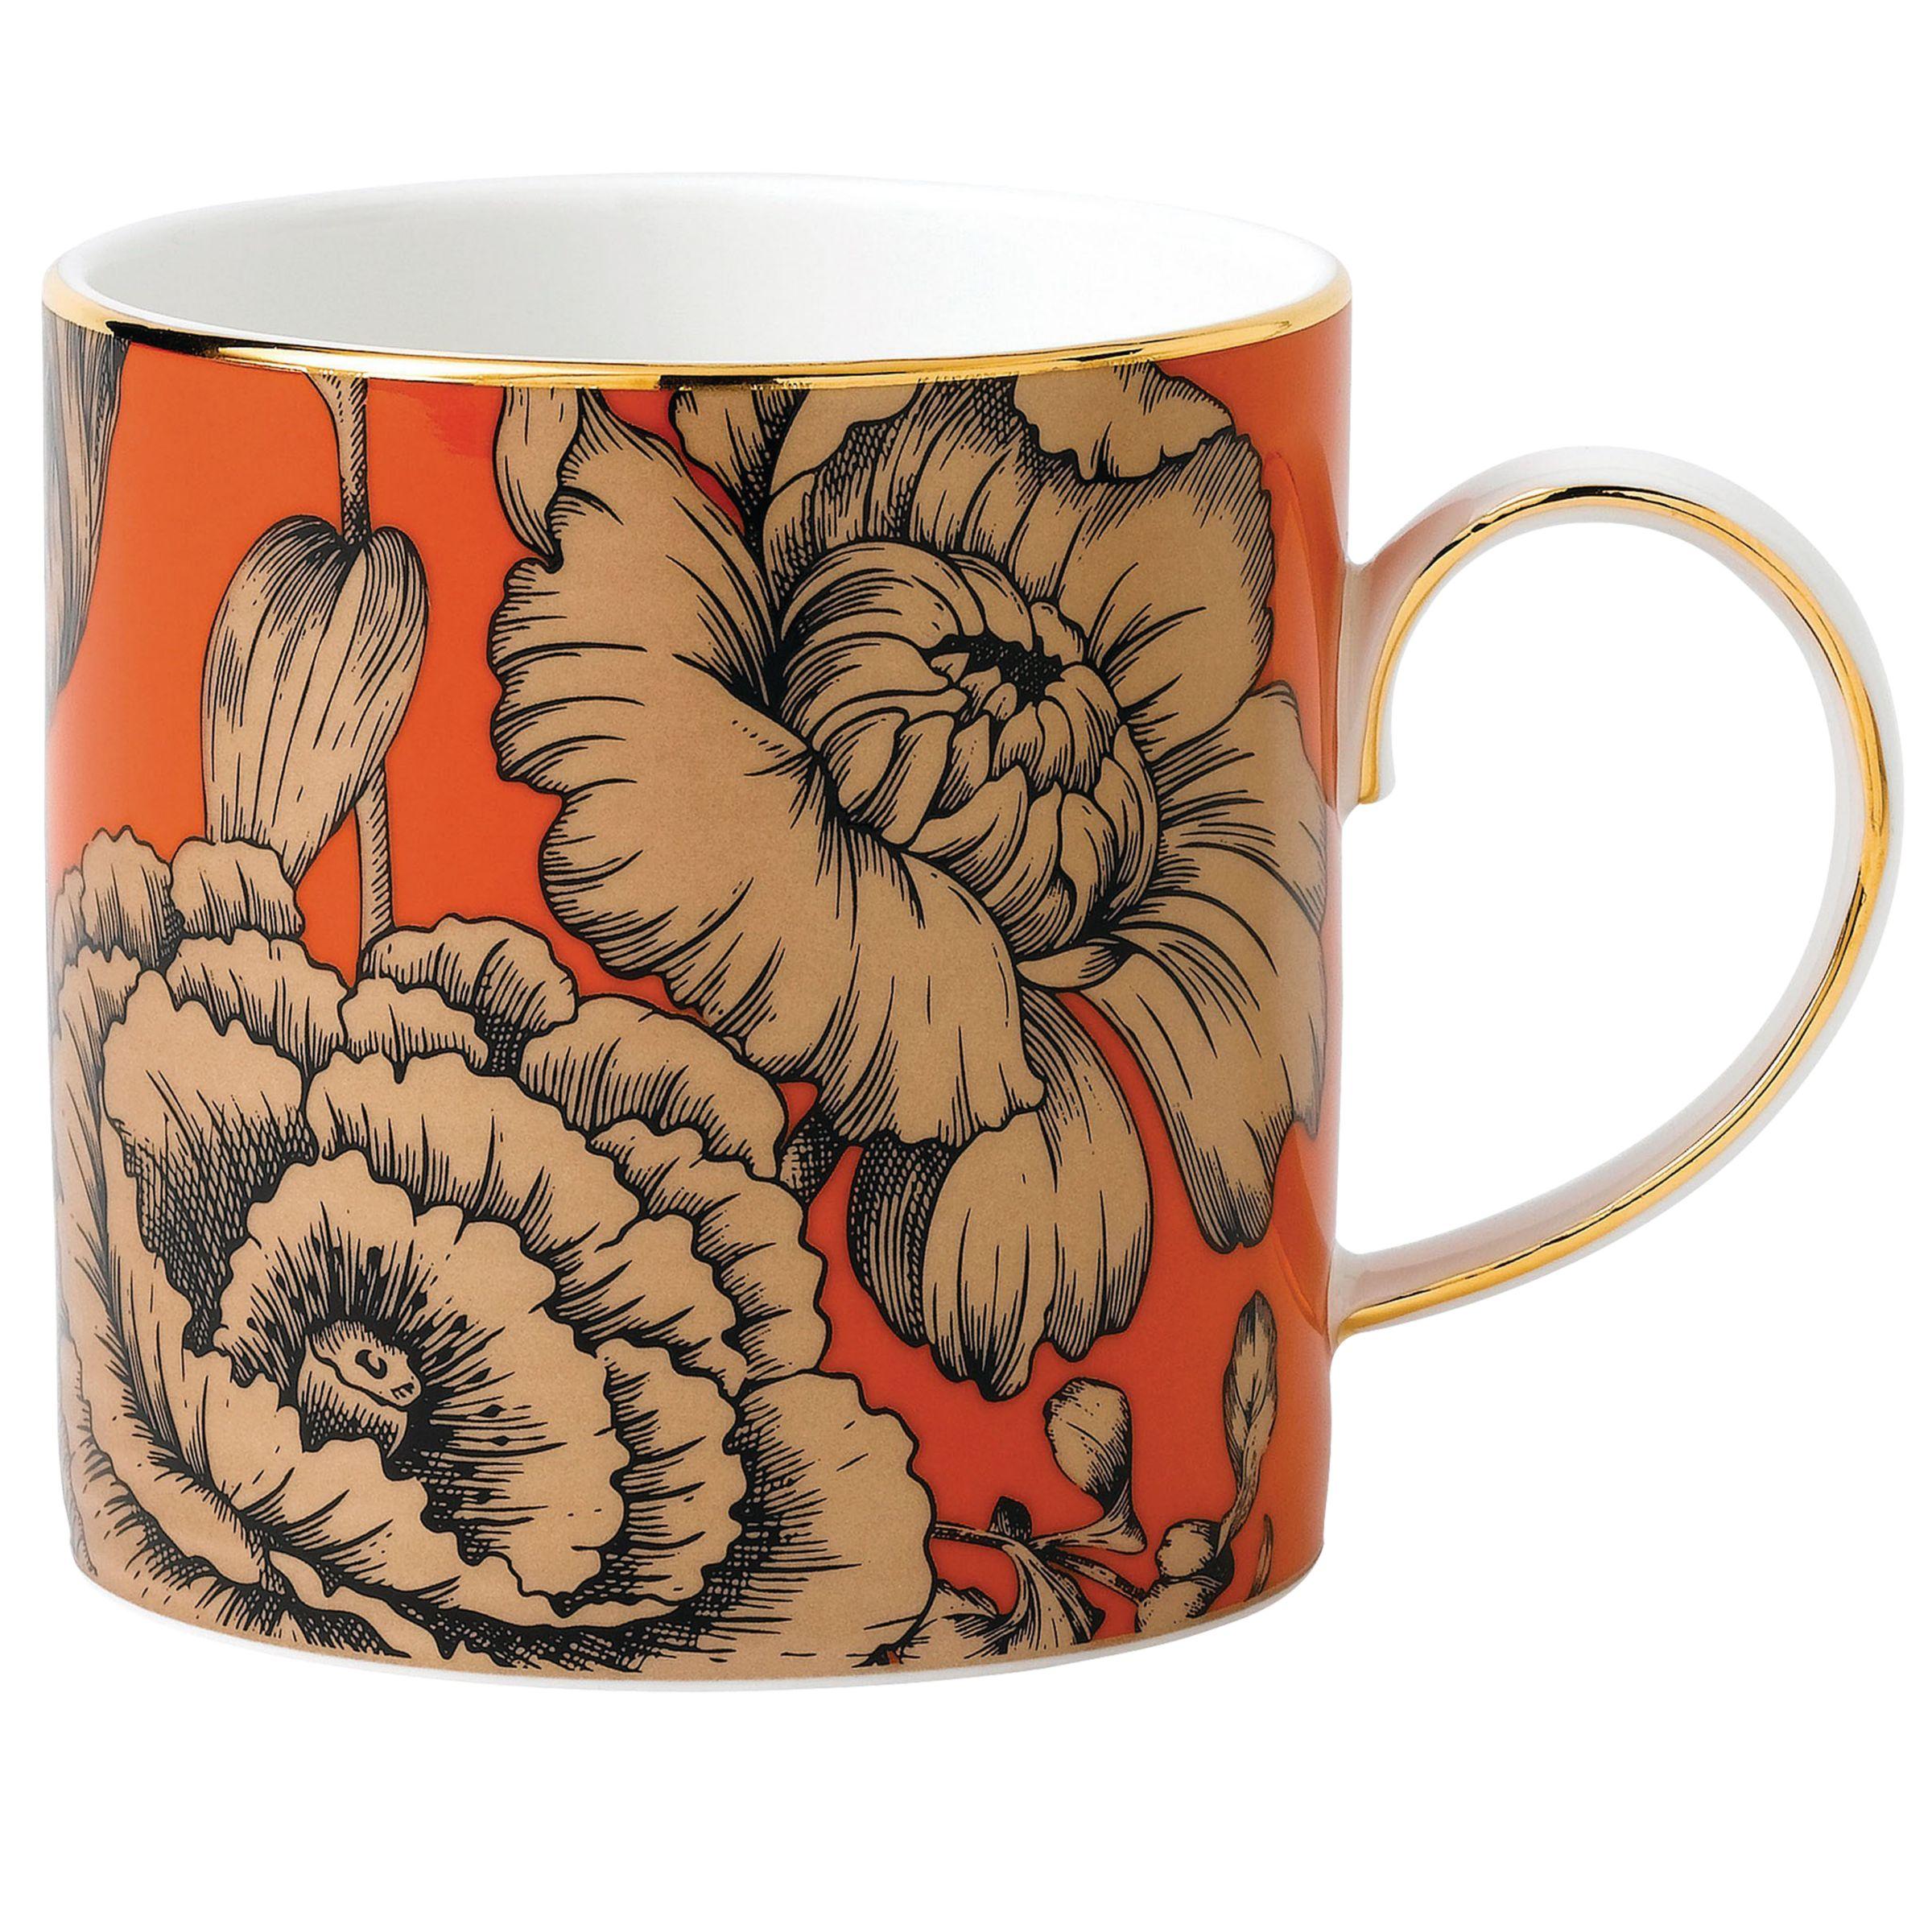 Wedgwood Wedgwood Elegant Townhouse Vibrance Mug